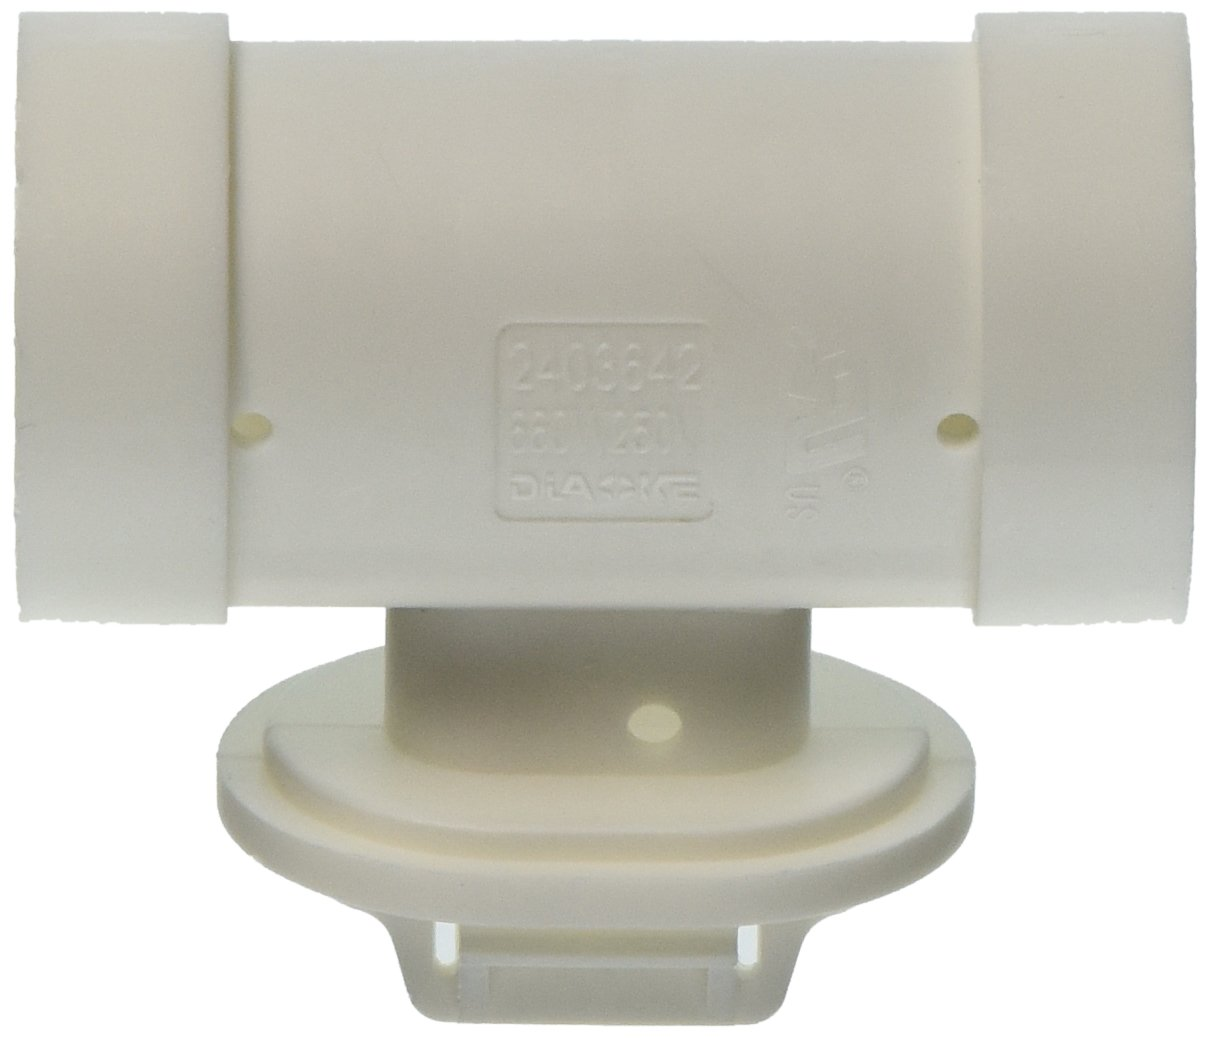 Frigidaire 240364201 Refrigerator Light Socket